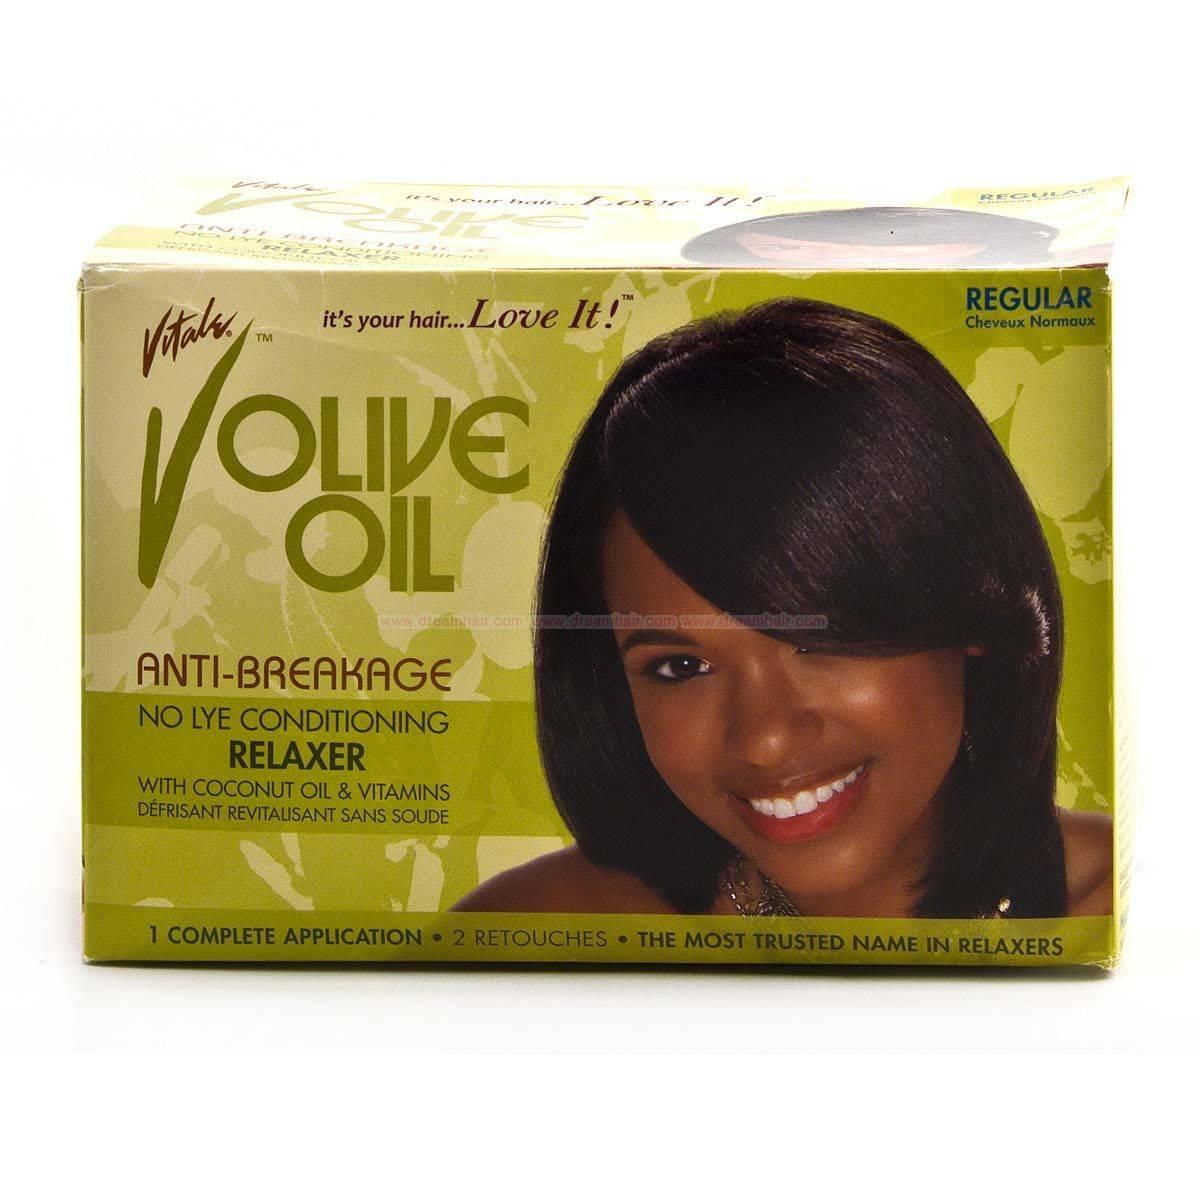 vitale olive oil anti breakage no lye relaxer regular kit relaxers